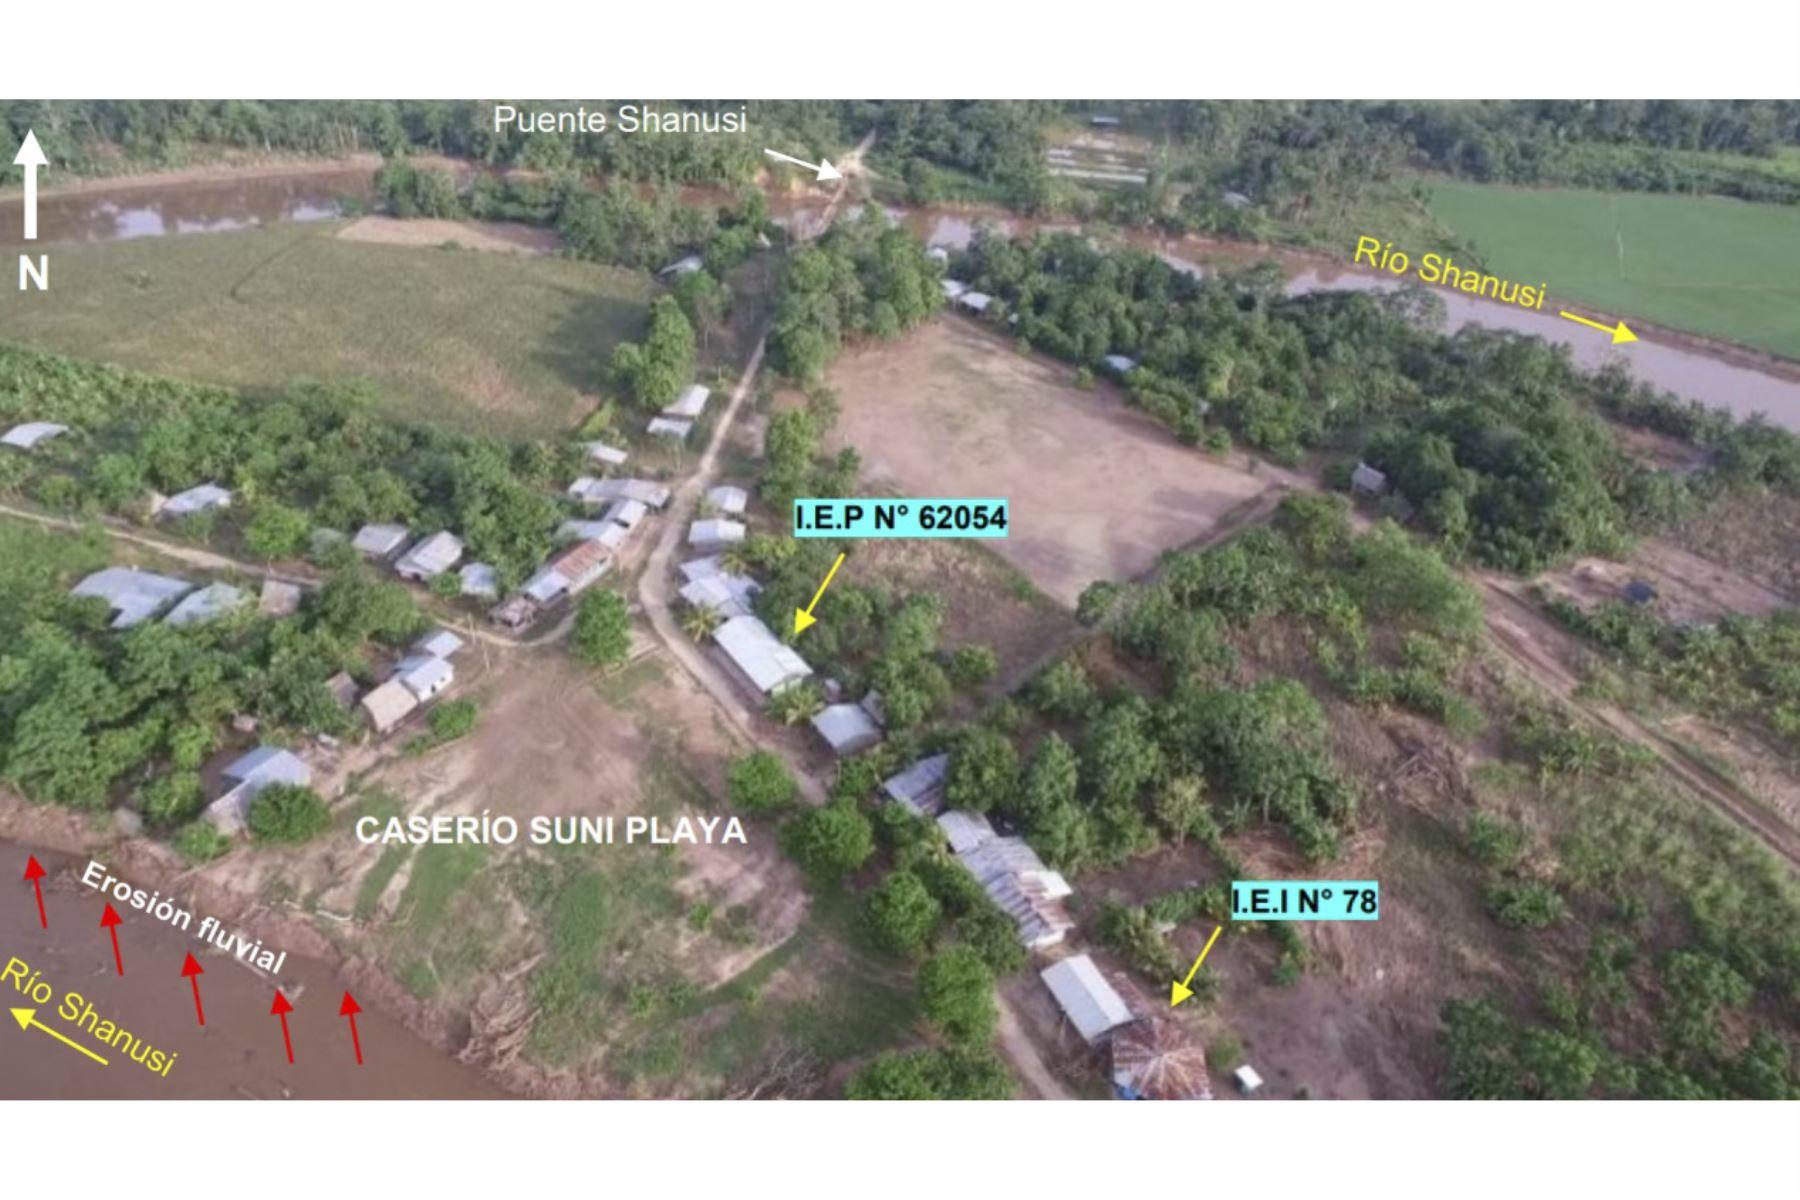 Recomiendan reubicar caserío loretano por muy alto peligro de erosión e inundación | Noticias